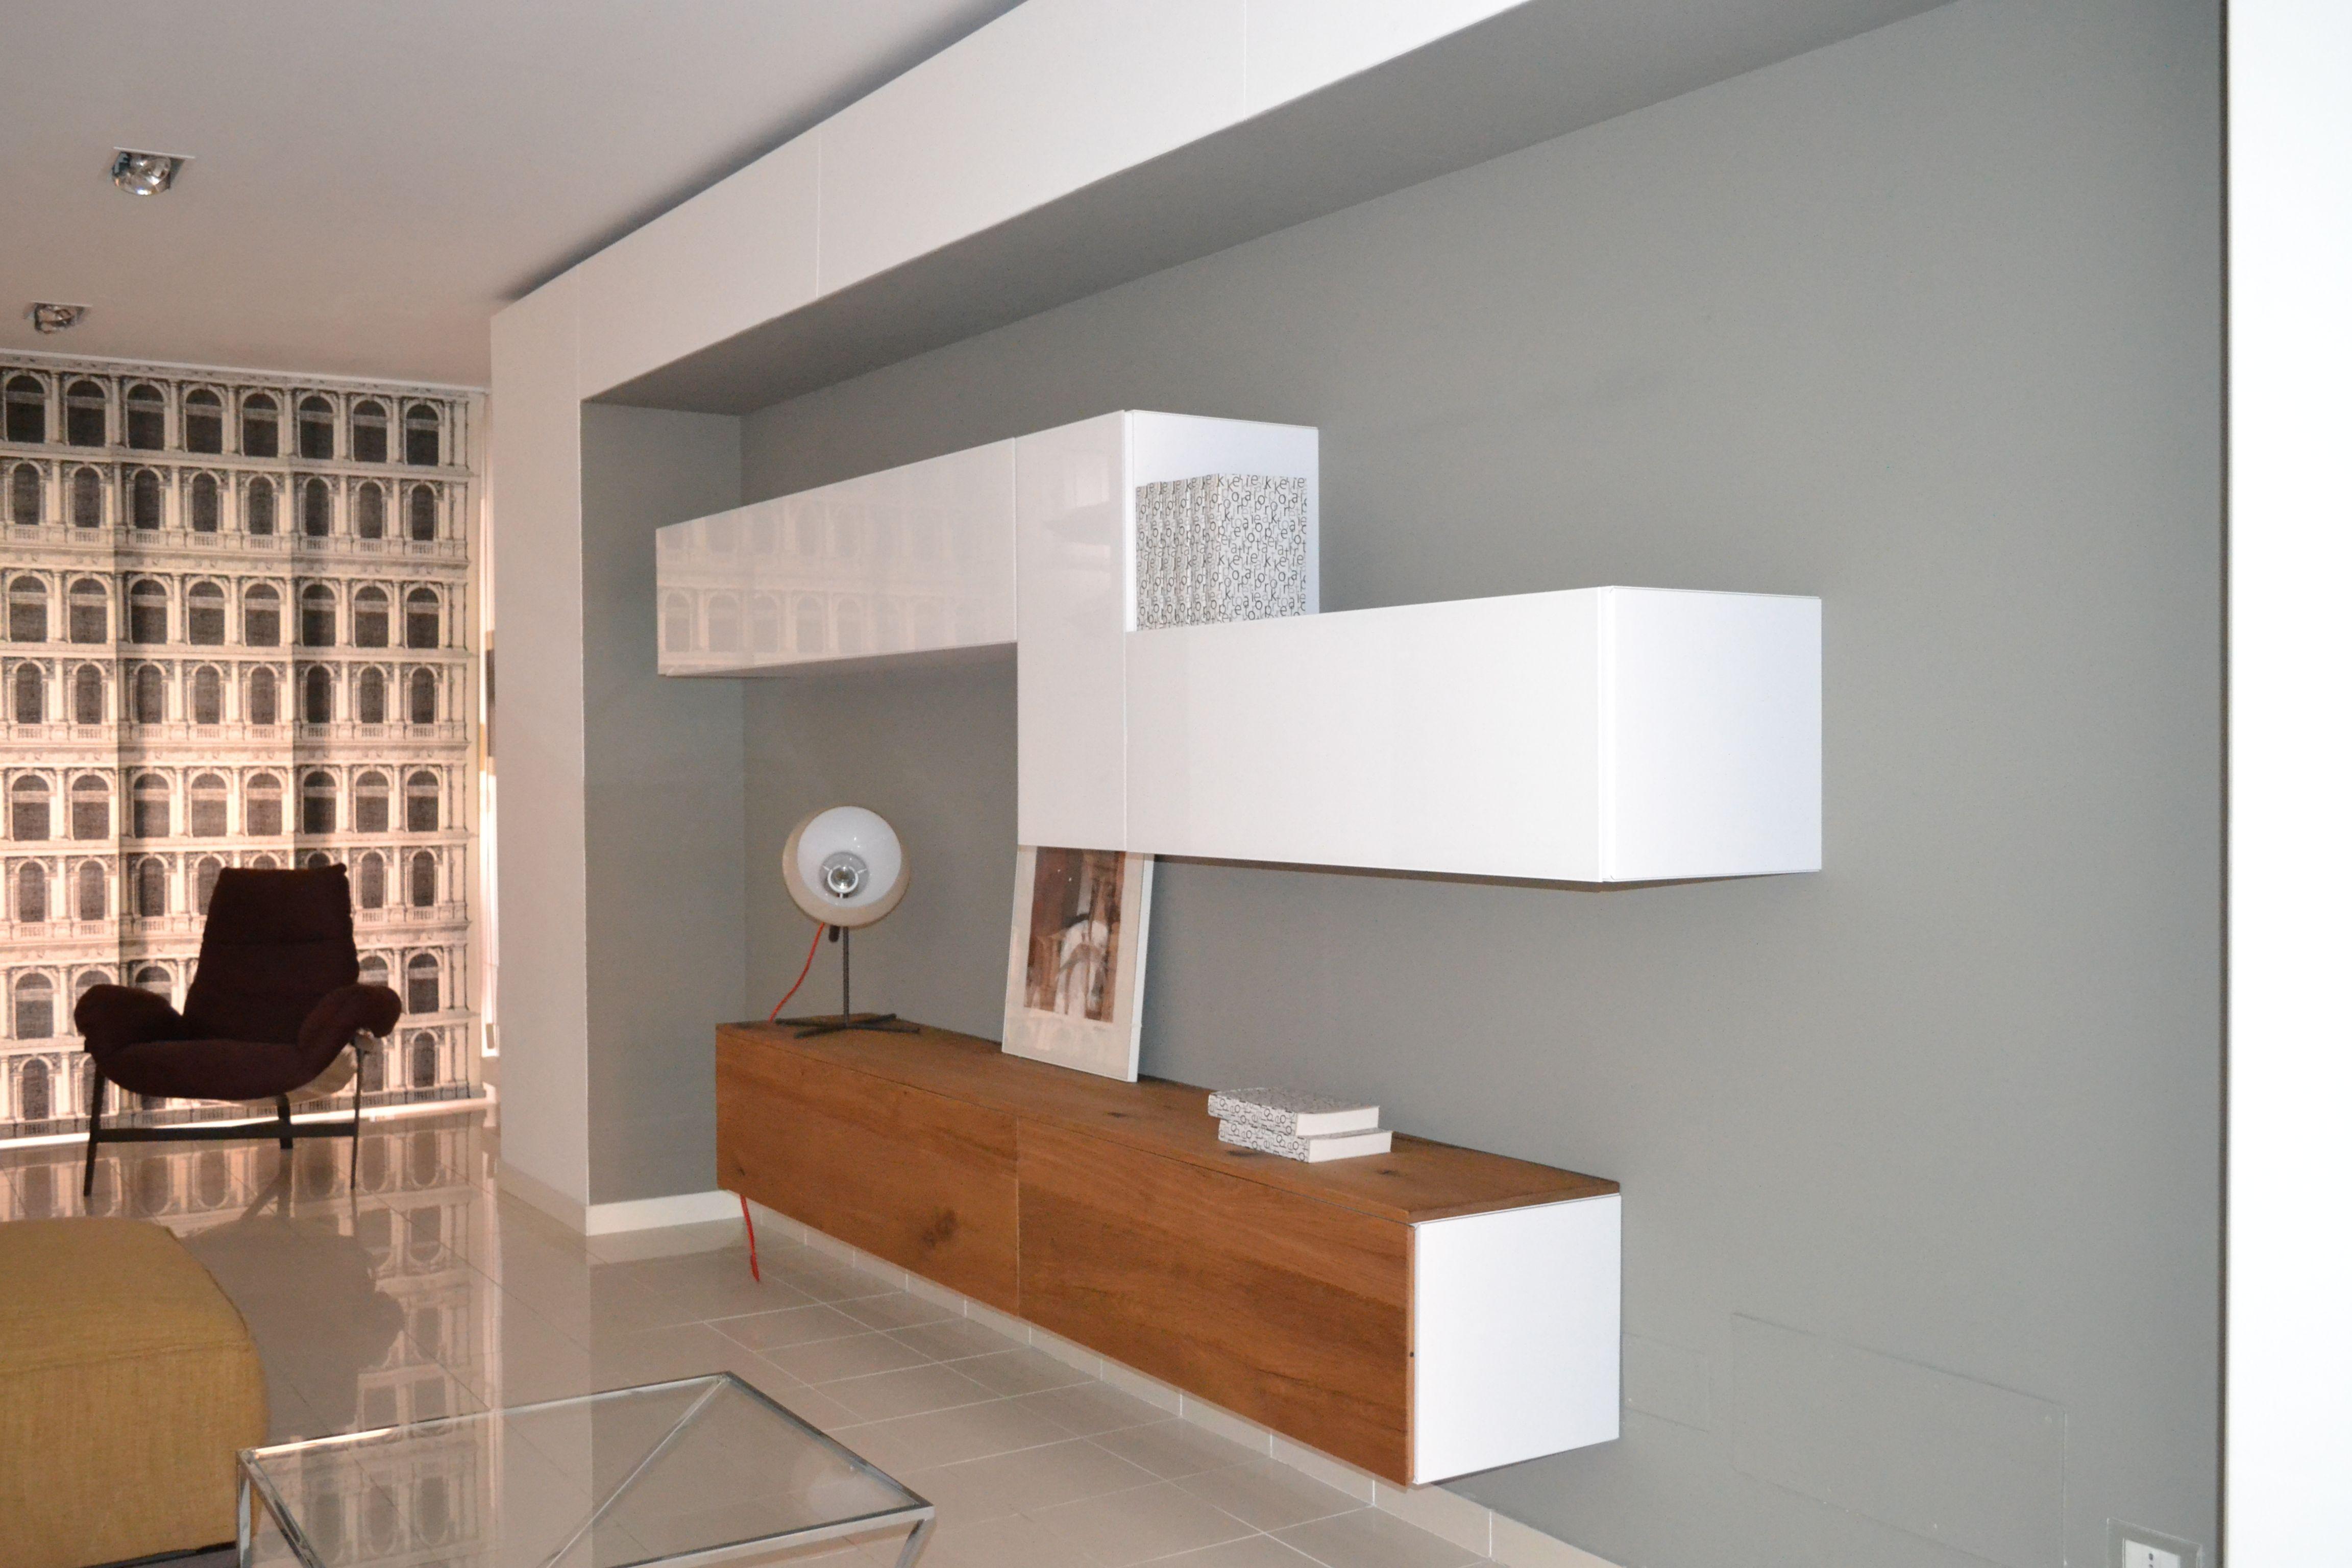 LAGO Prodotto Parete 36 e 8 Il modulo 36e8 ¨ stato il primo mattoncino del design LAGO un quadrato di 36 8 cm di lato che ha rivoluzionato il linguaggio